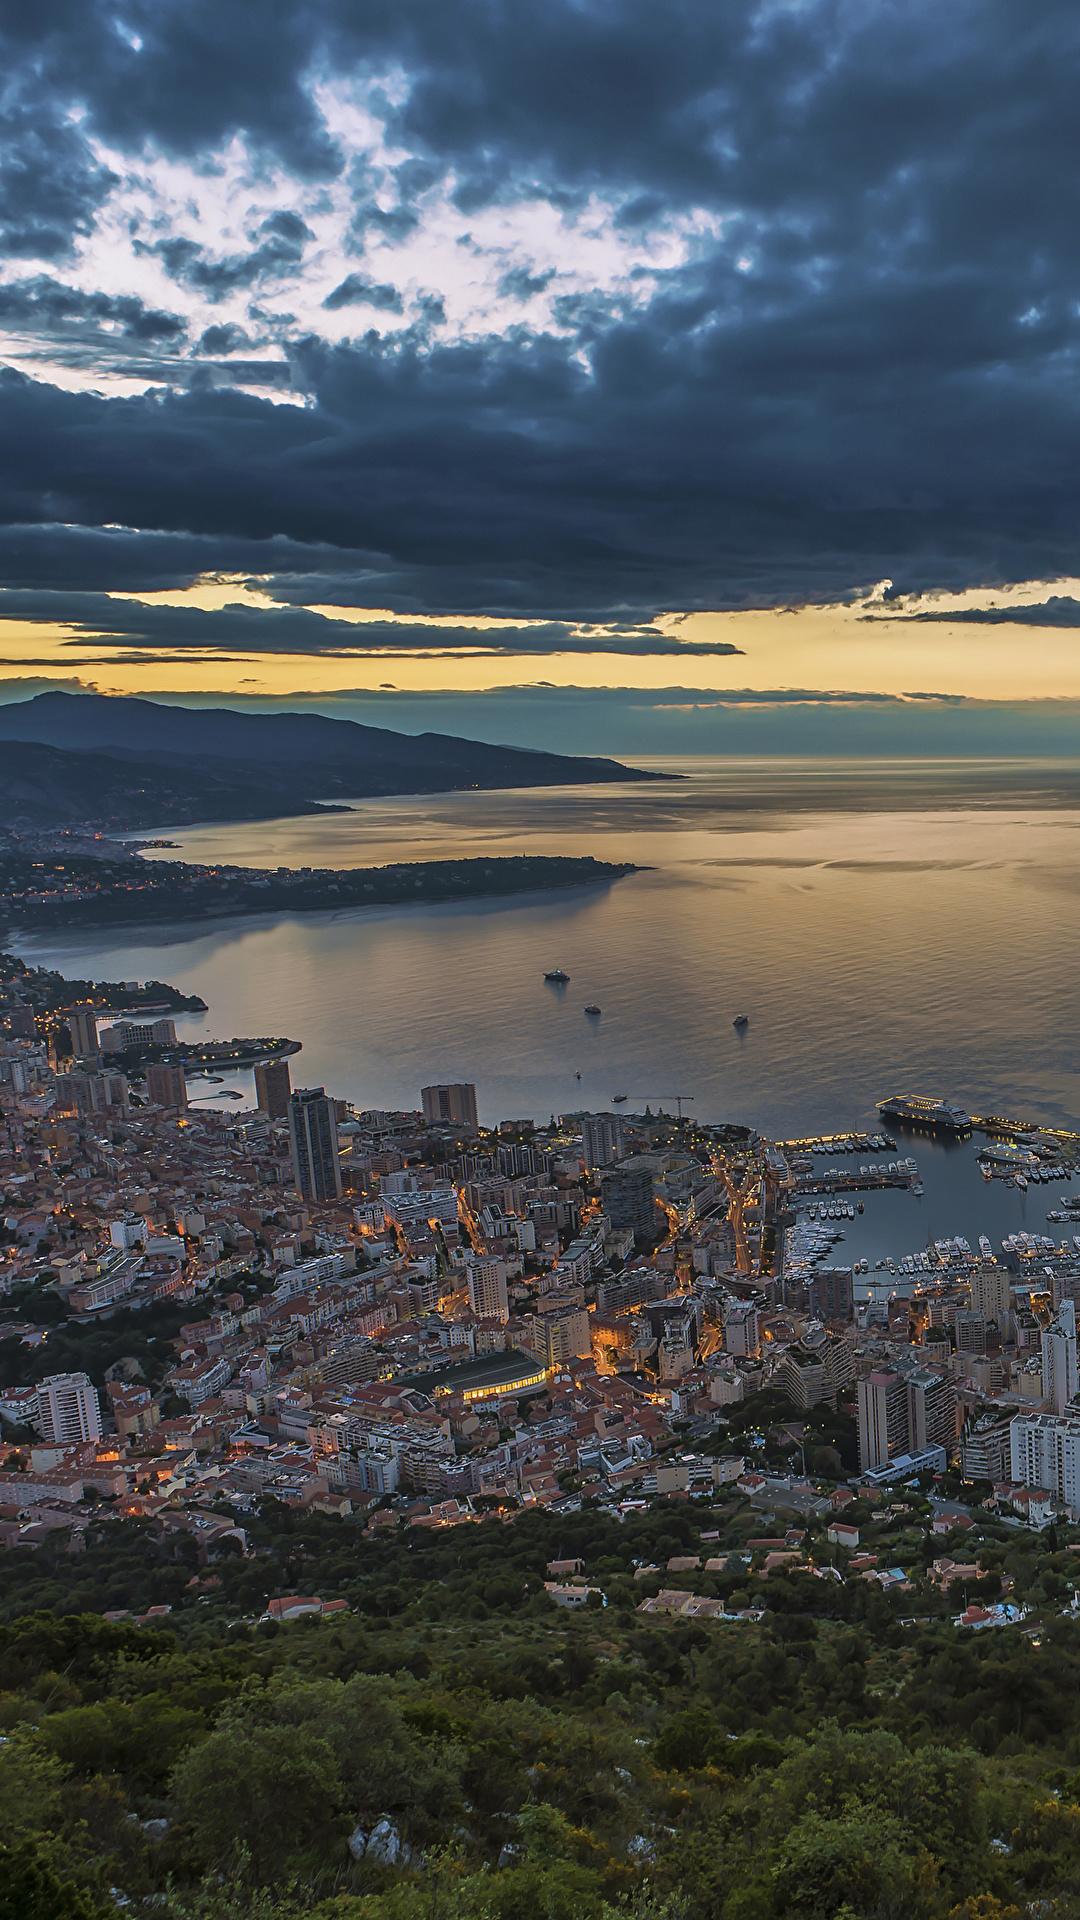 Bilder von Monaco La Condamine Abend Küste Wolke Städte Gebäude 1080x1920 für Handy Haus